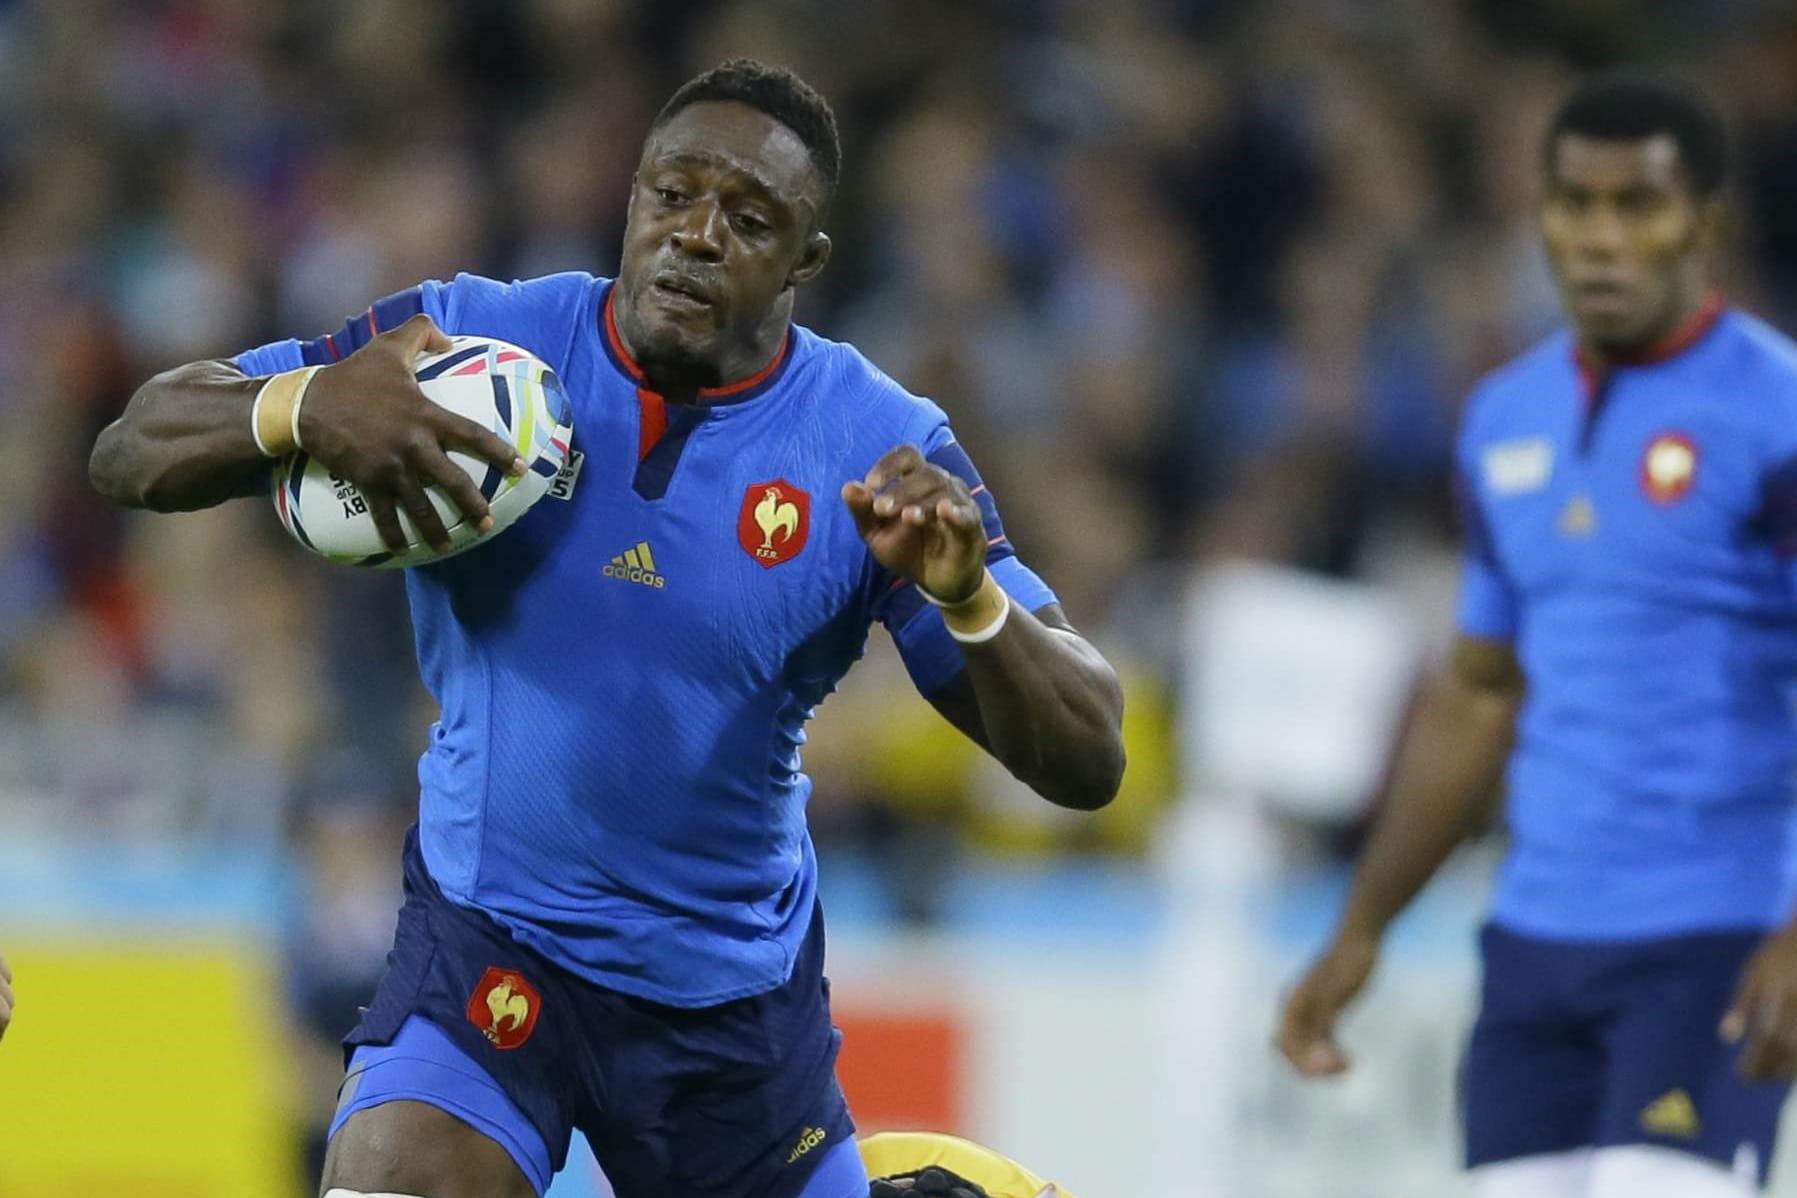 Coupe du monde de rugby 2015 les bleus dominent la - Calendrier de la coupe de france 2015 ...